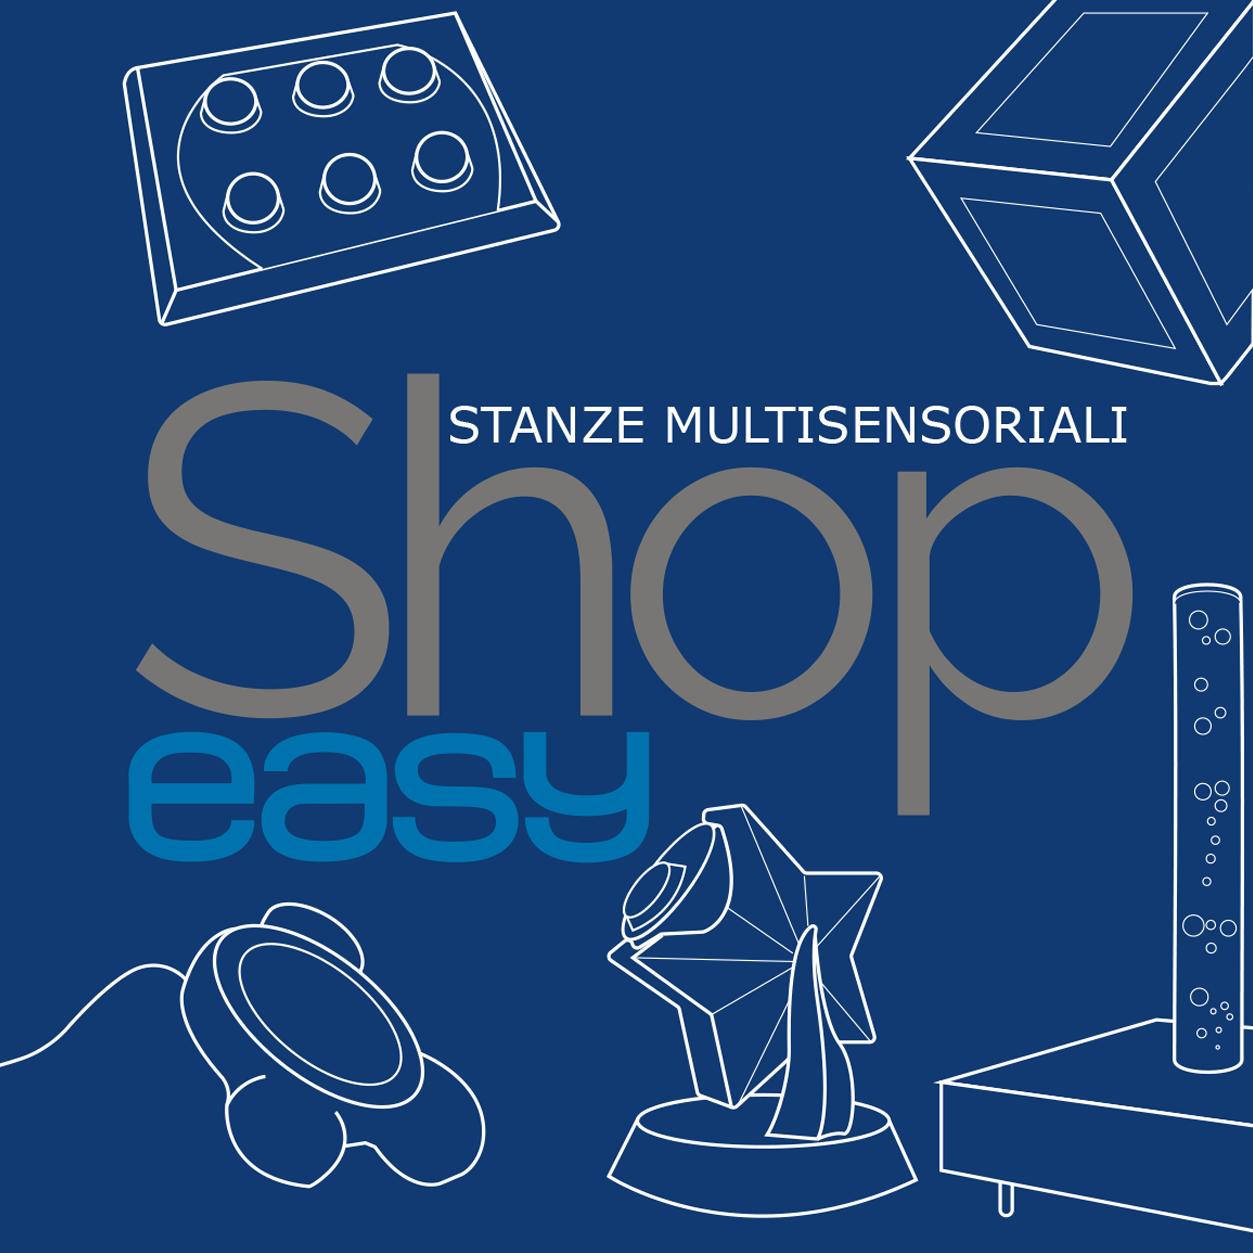 Per vedere ed acquistare i materiali delle StanzeMultisensoriali